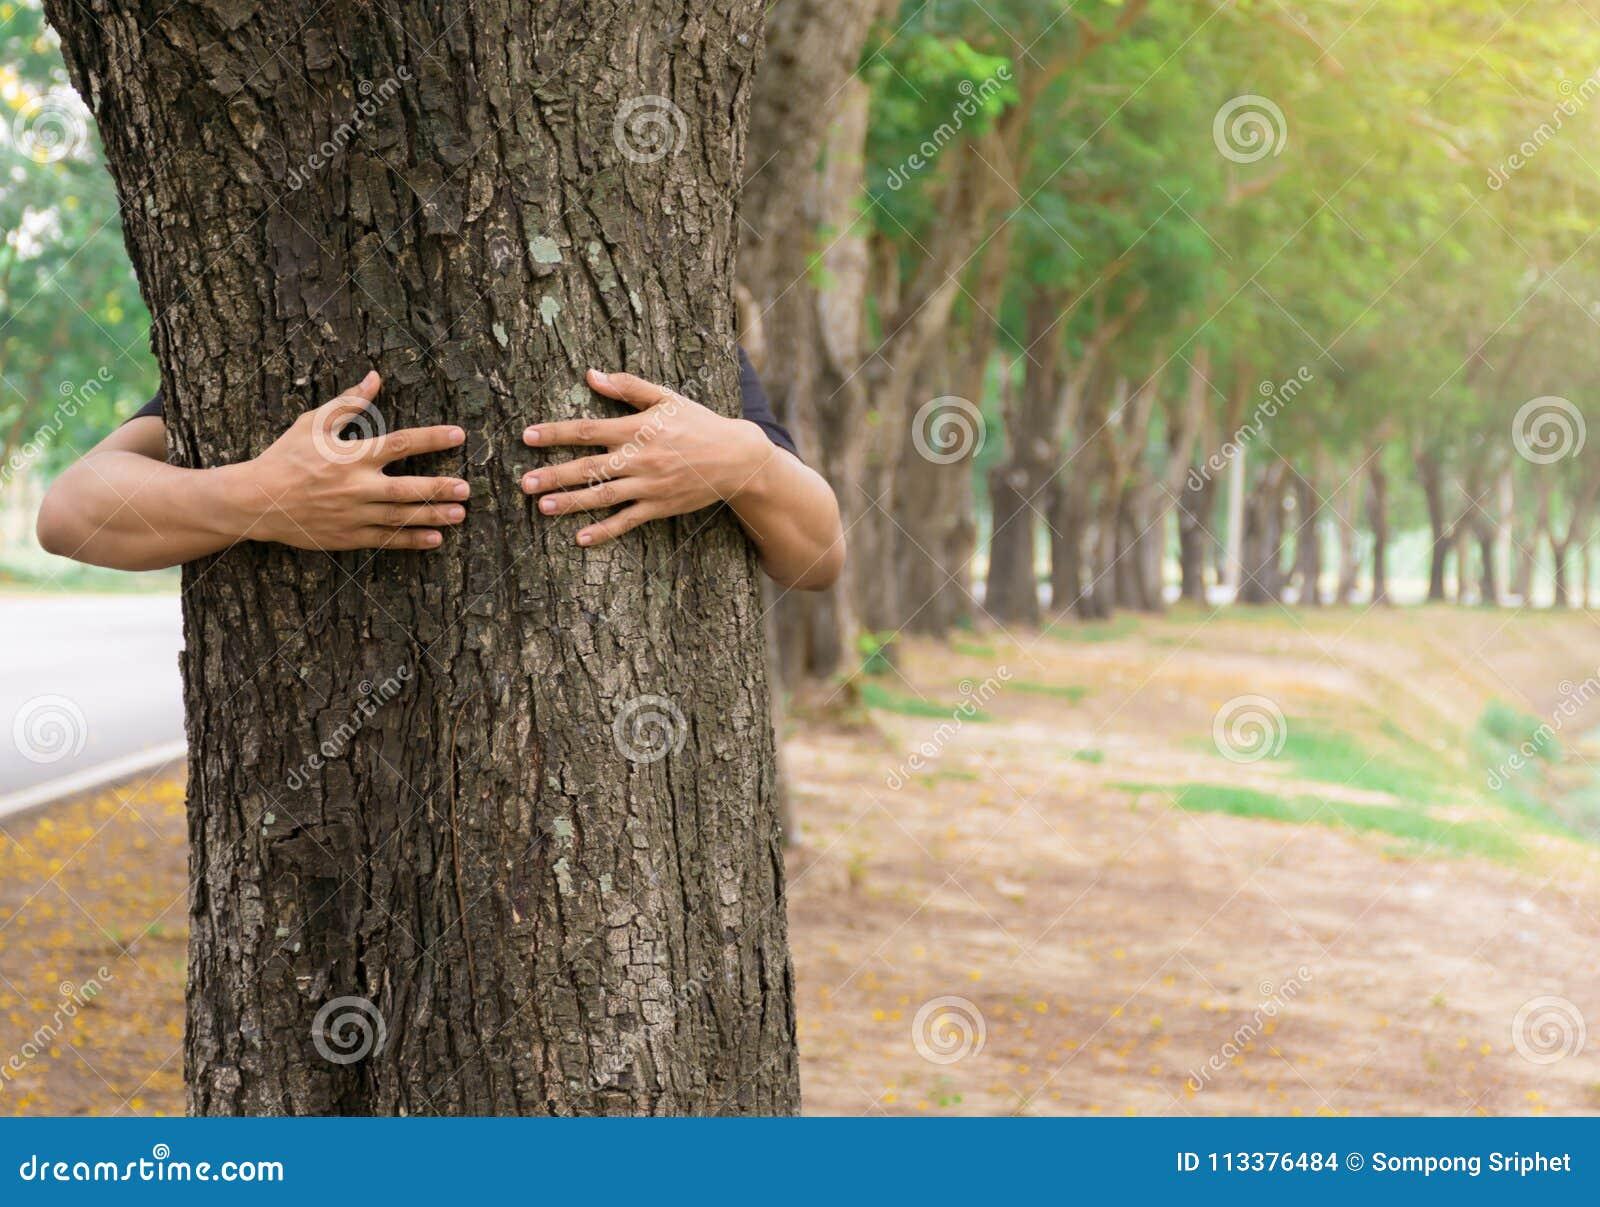 Δέντρα δασών αγάπης δέντρων αγκαλιάσματος ατόμων χεριών έννοιας οικολογίας